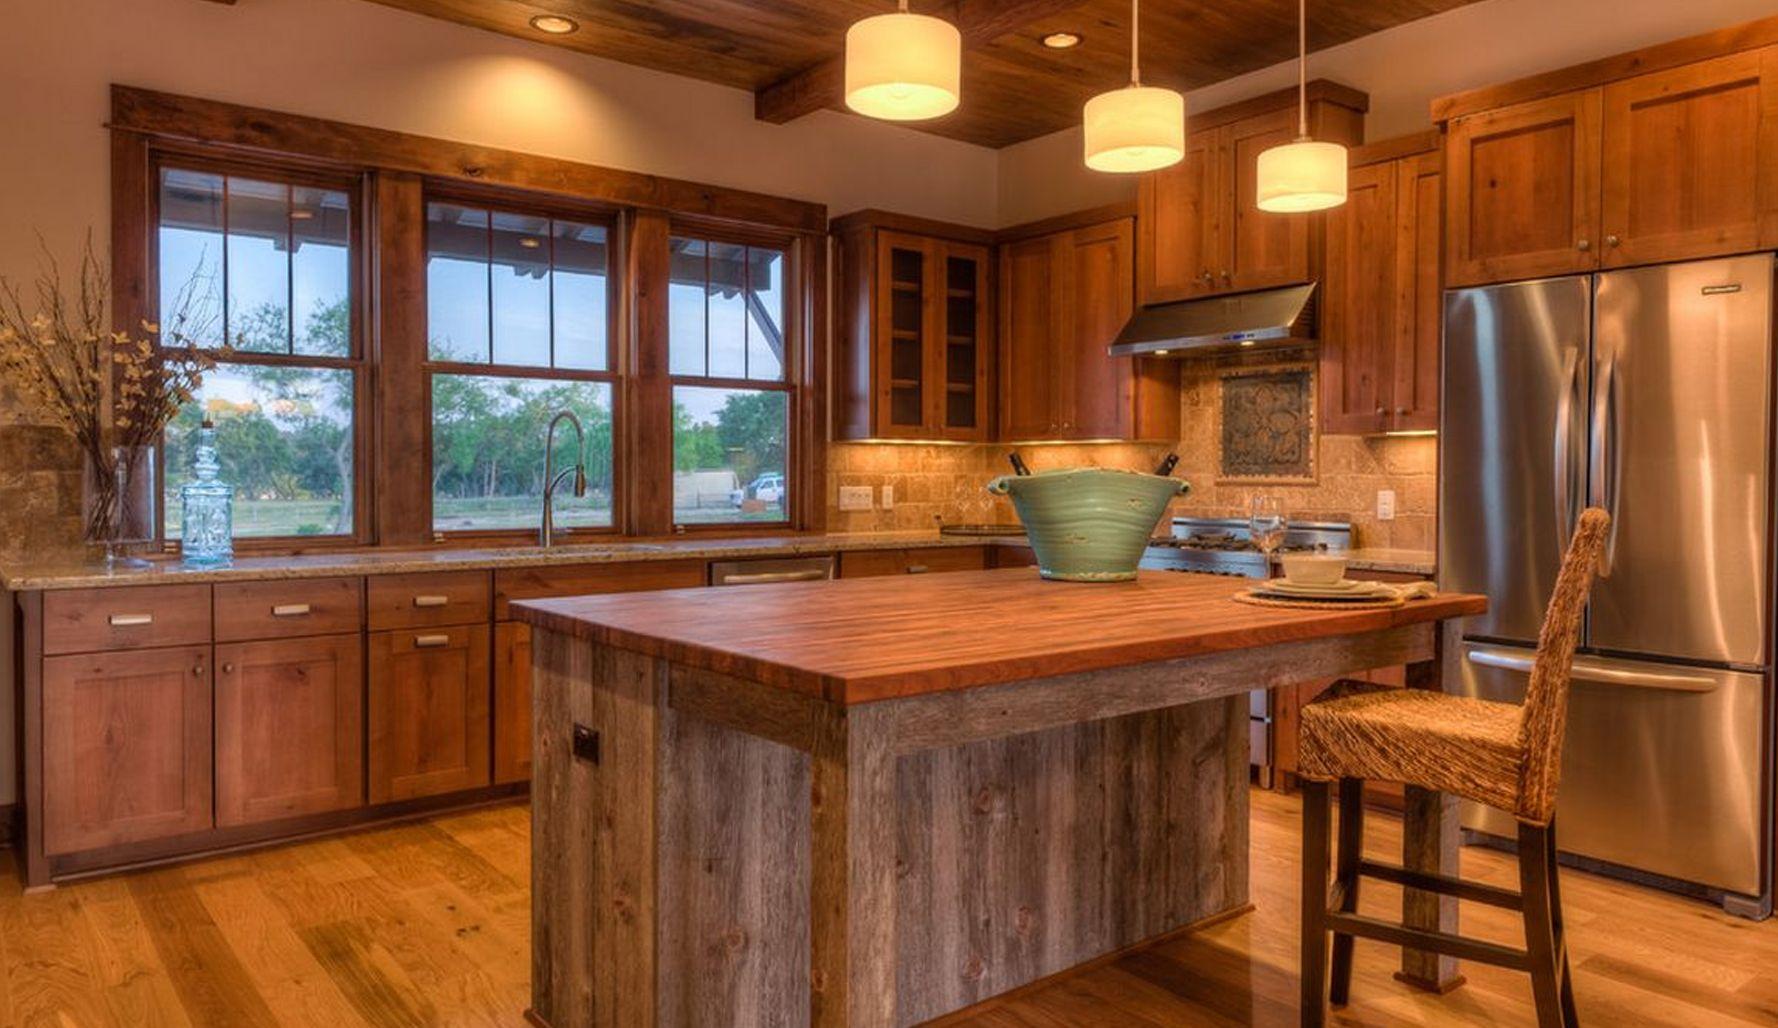 Cocina r stica de madera caba as pinterest cocinas for Muebles de cocina anos 80